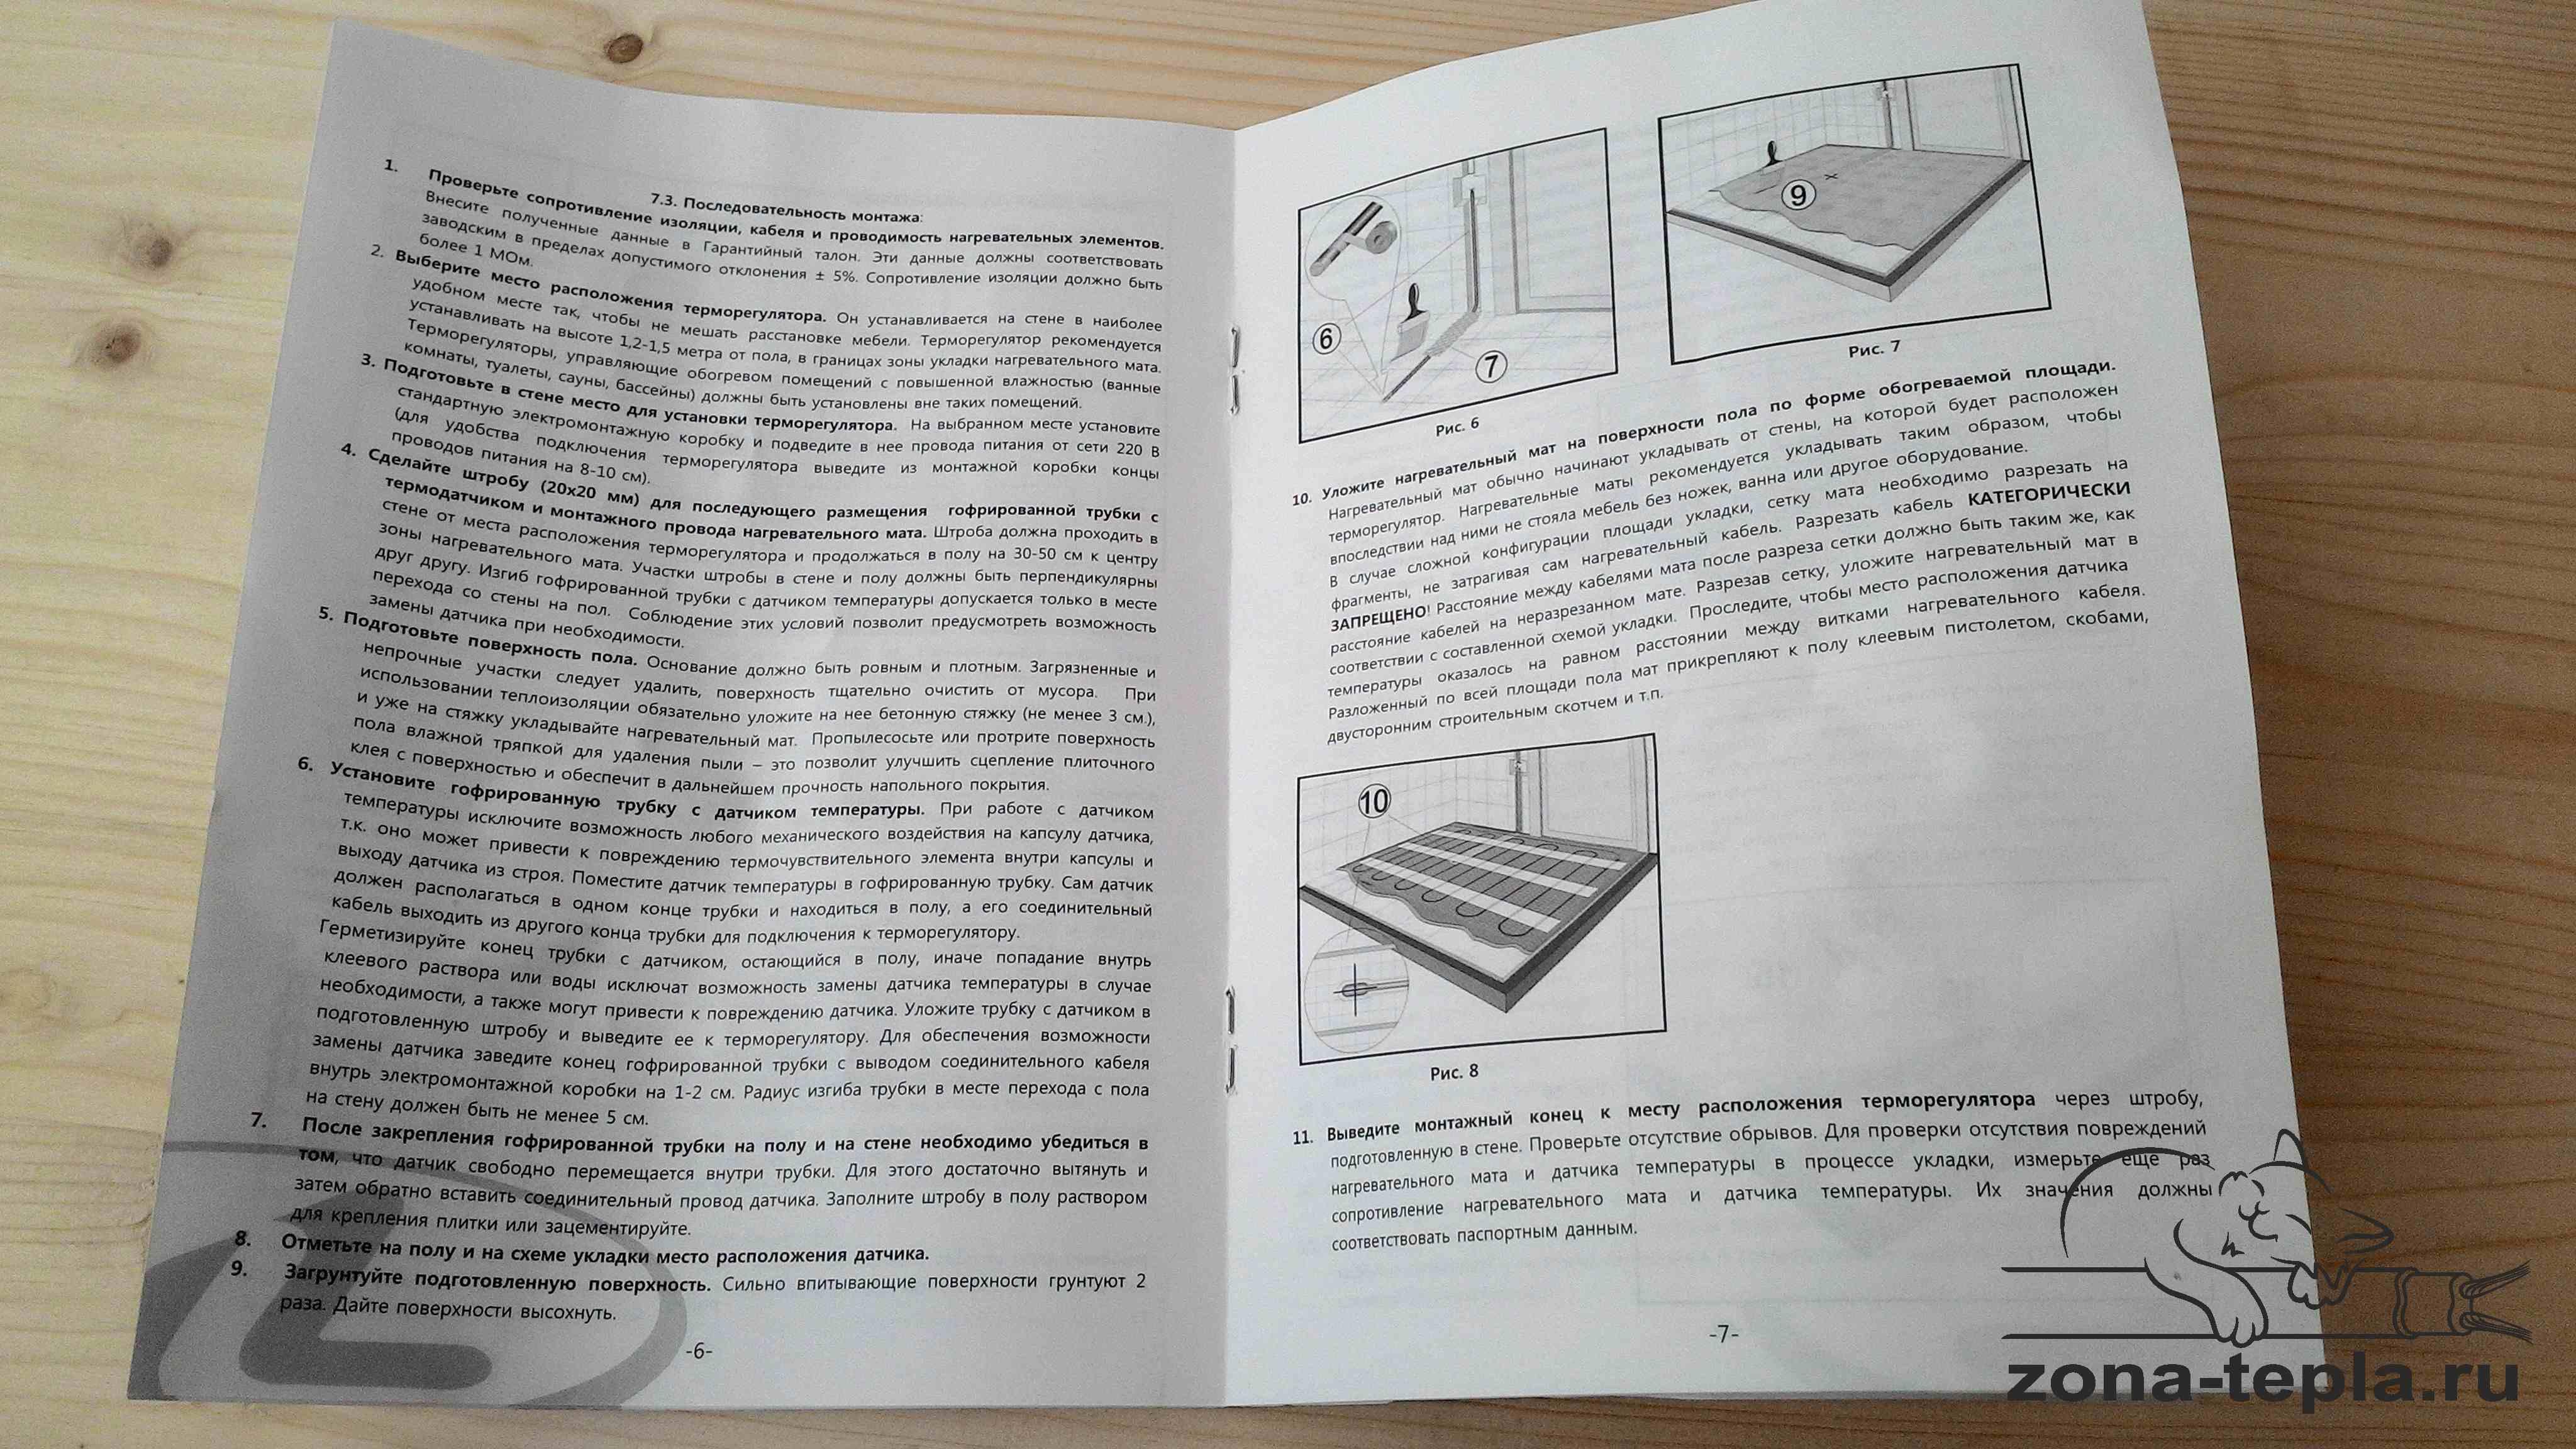 Теплый пол под плитку электрический на мате Лавита-инструкция